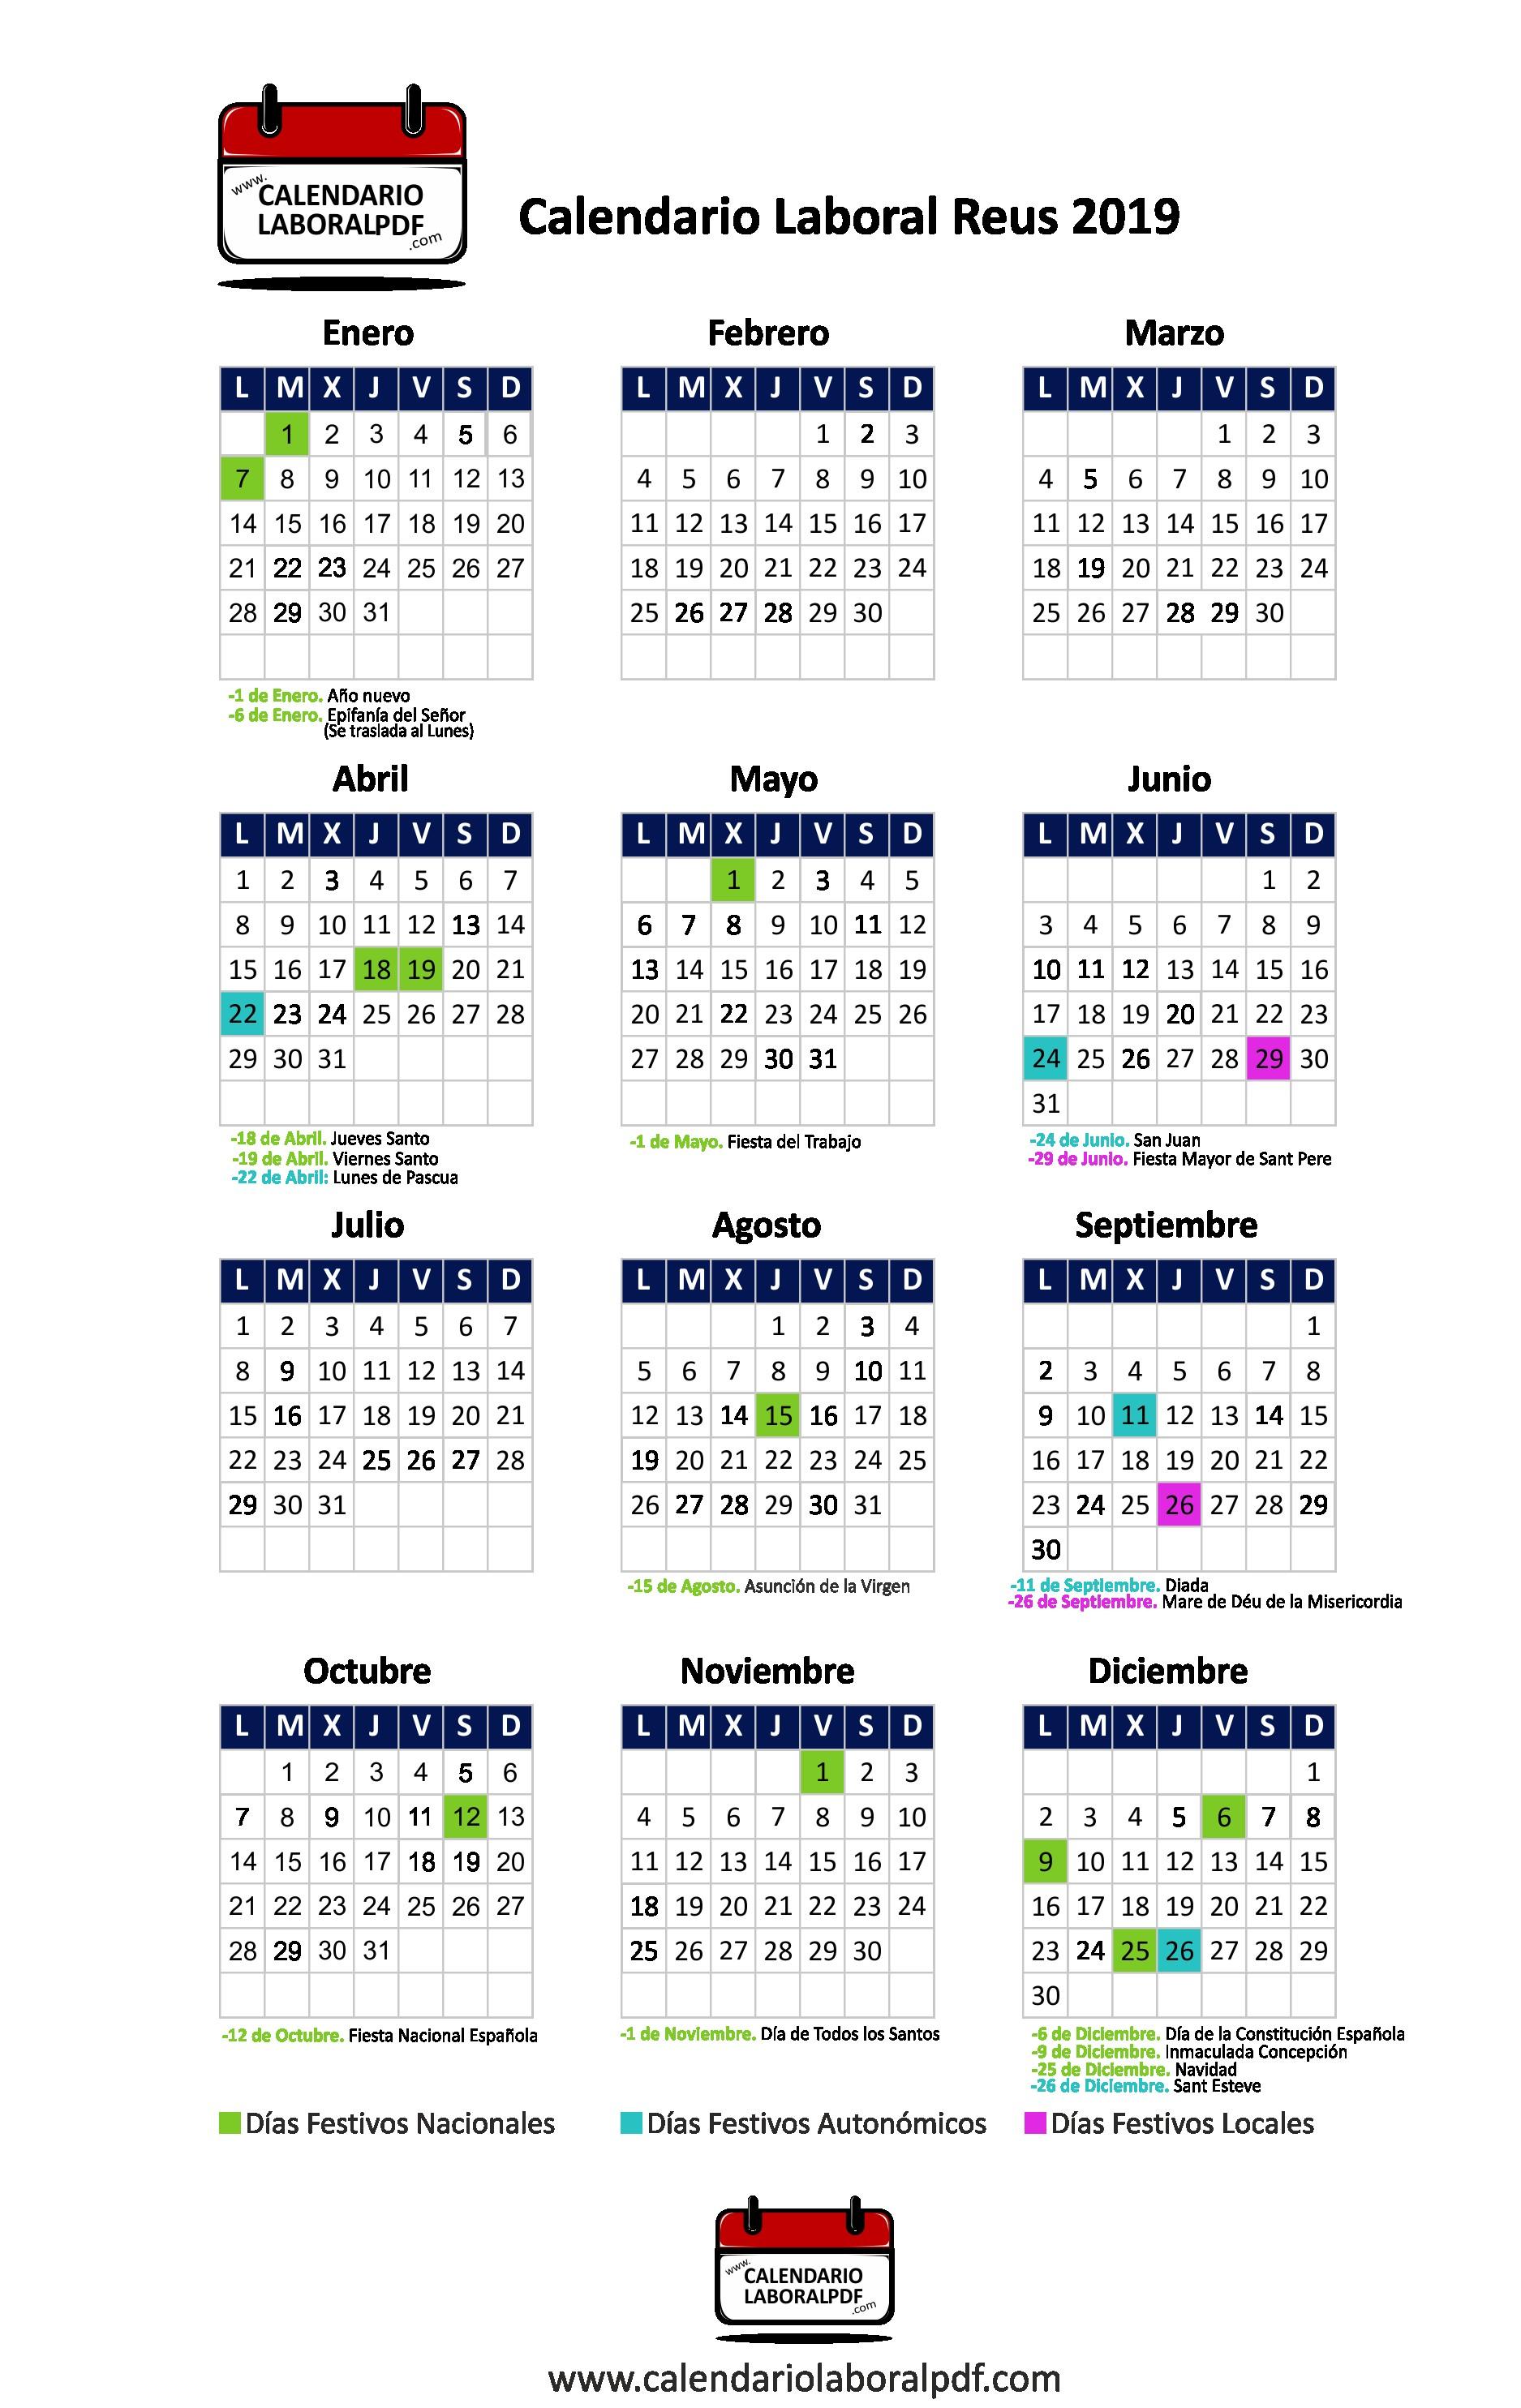 Calendario 2019 Barcelona Imprimir Más Populares Pascua 2019 Of Calendario 2019 Barcelona Imprimir Más Caliente Calendario Octubre 2018 Colombia T